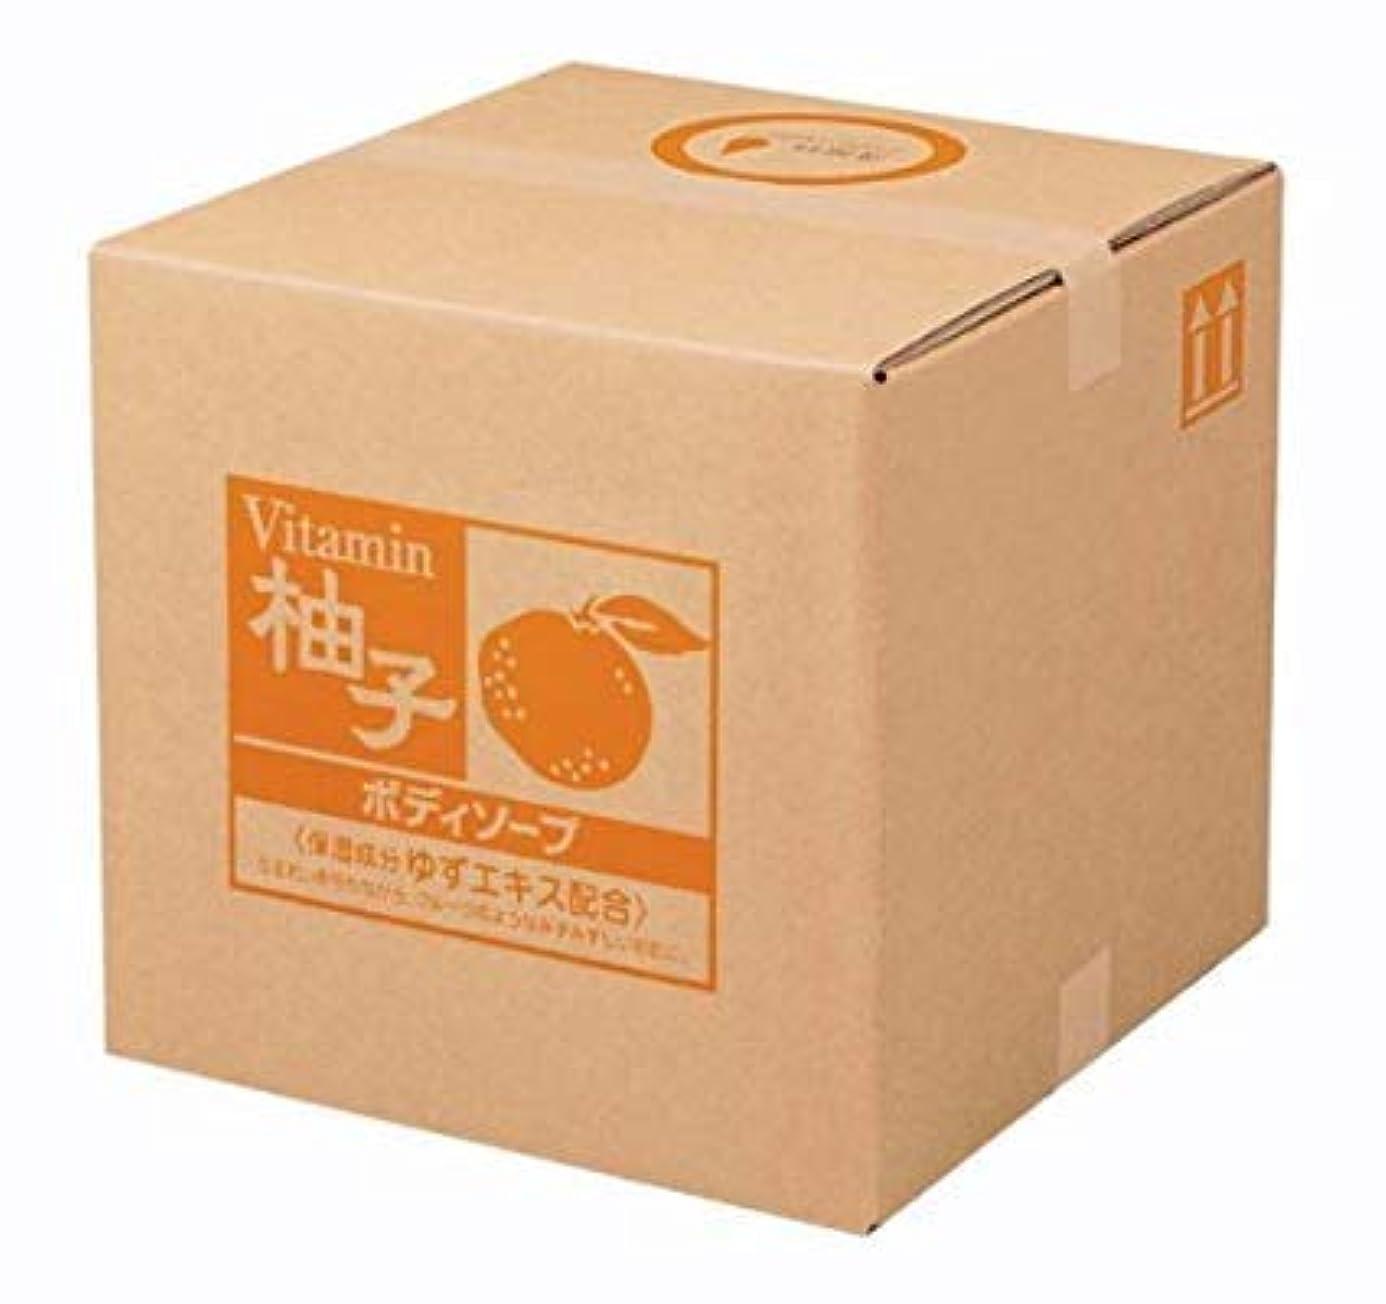 ステージ耐える前書き業務用 SCRITT(スクリット) 柚子 ボディソープ 18L 熊野油脂 (コック付き)